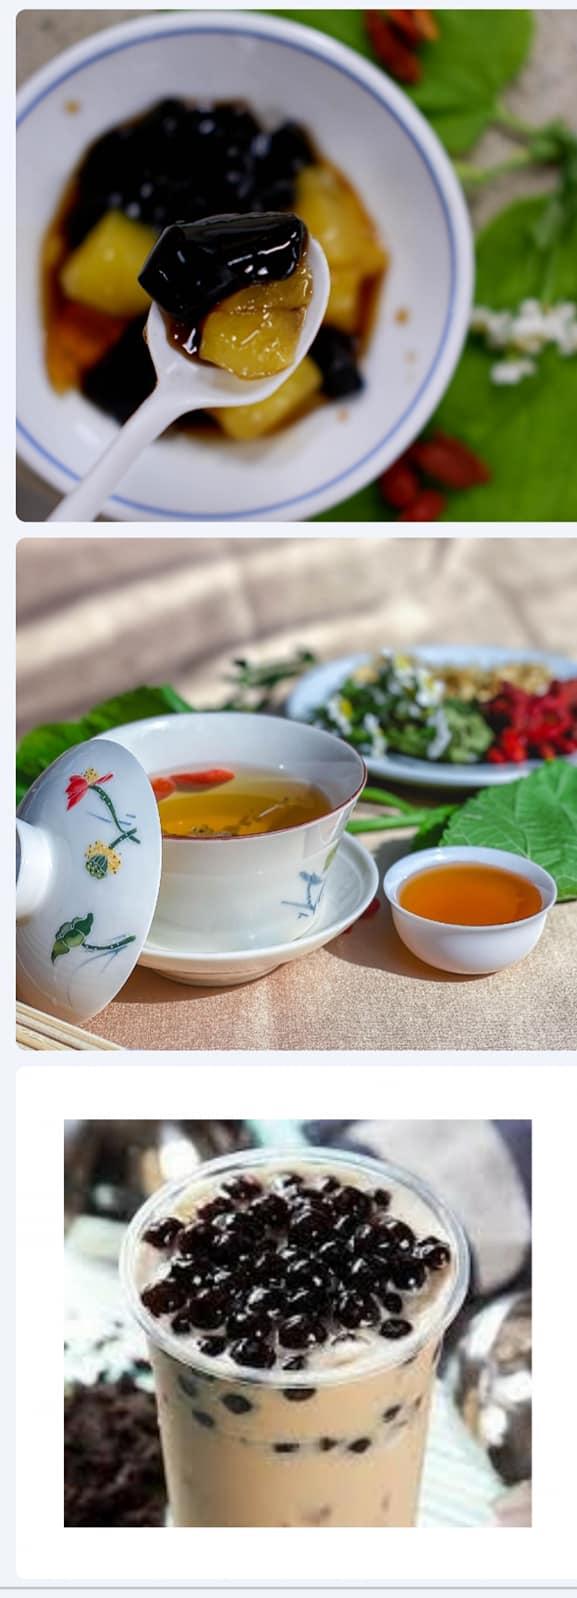 圖:展現台灣廟會文化的天金堂廟會,9月25日至26日濃重推出,圖為廟會台灣美食。(天金廟會主辦方提供)